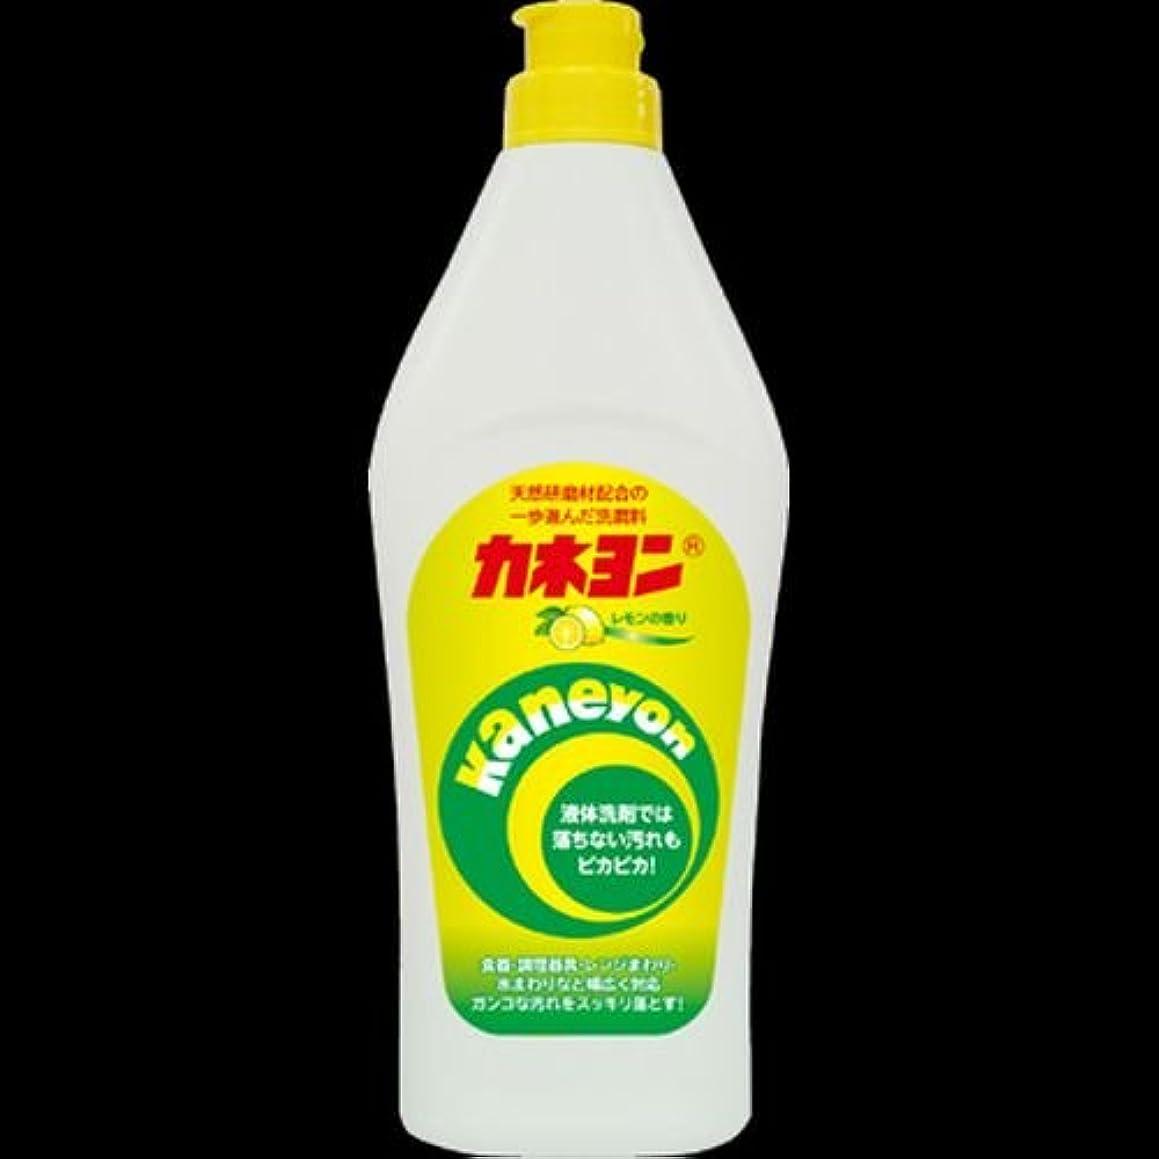 半径圧倒的横【まとめ買い】カネヨ石鹸 カネヨンレモン 550g ×2セット